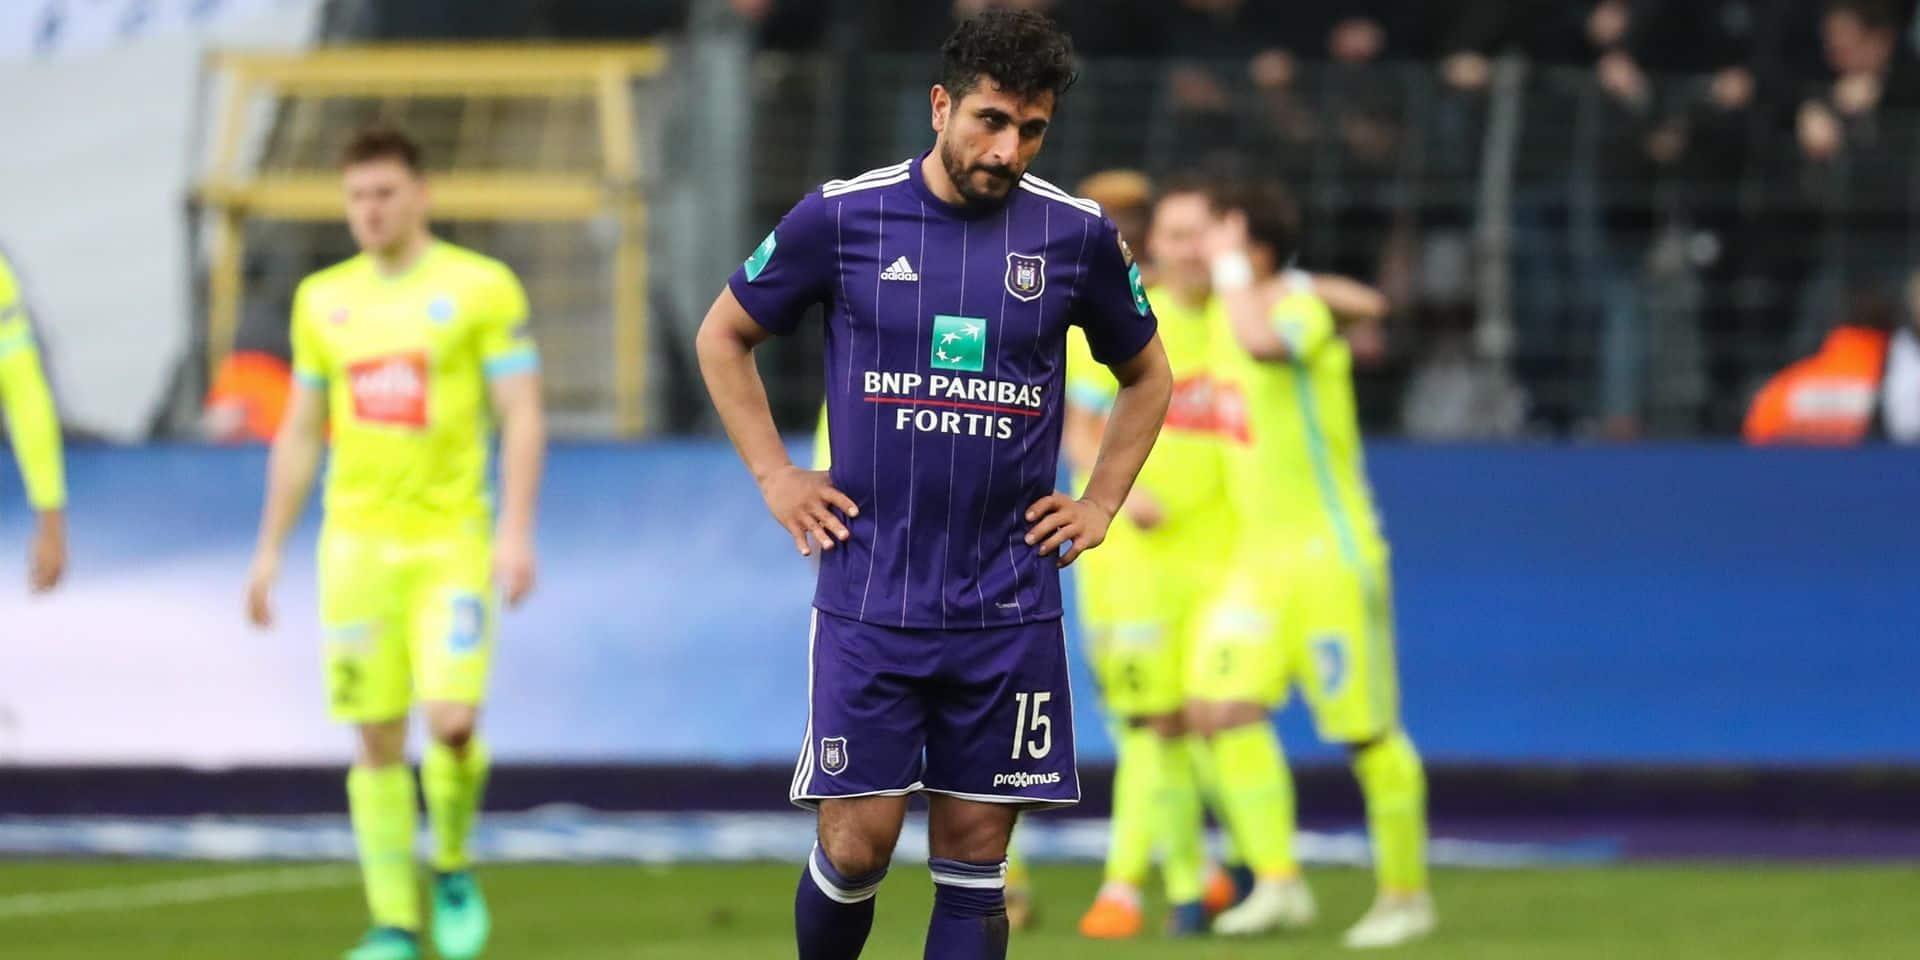 Sporting d'Anderlecht: Kenny Saief va revenir, le préparateur physique s'en va